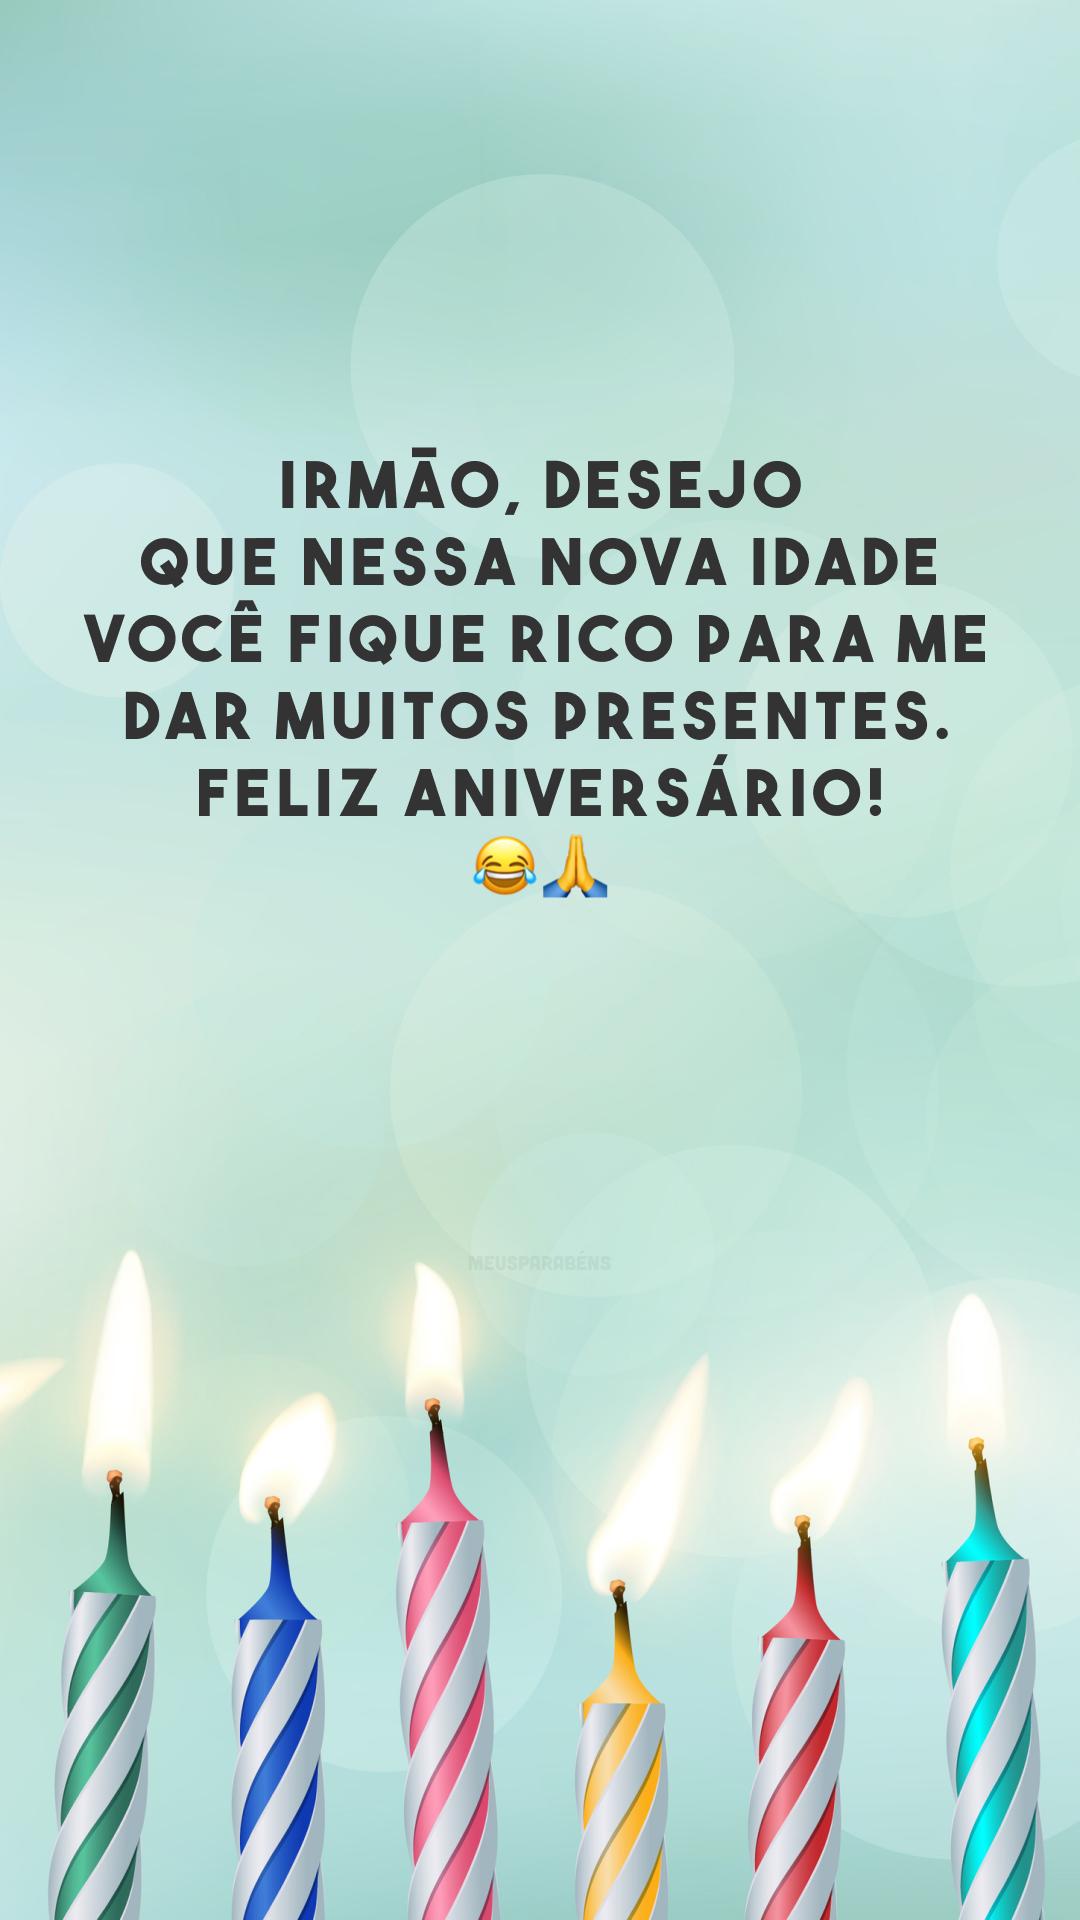 Irmão, desejo que nessa nova idade você fique rico para me dar muitos presentes. Feliz aniversário! 😂🙏